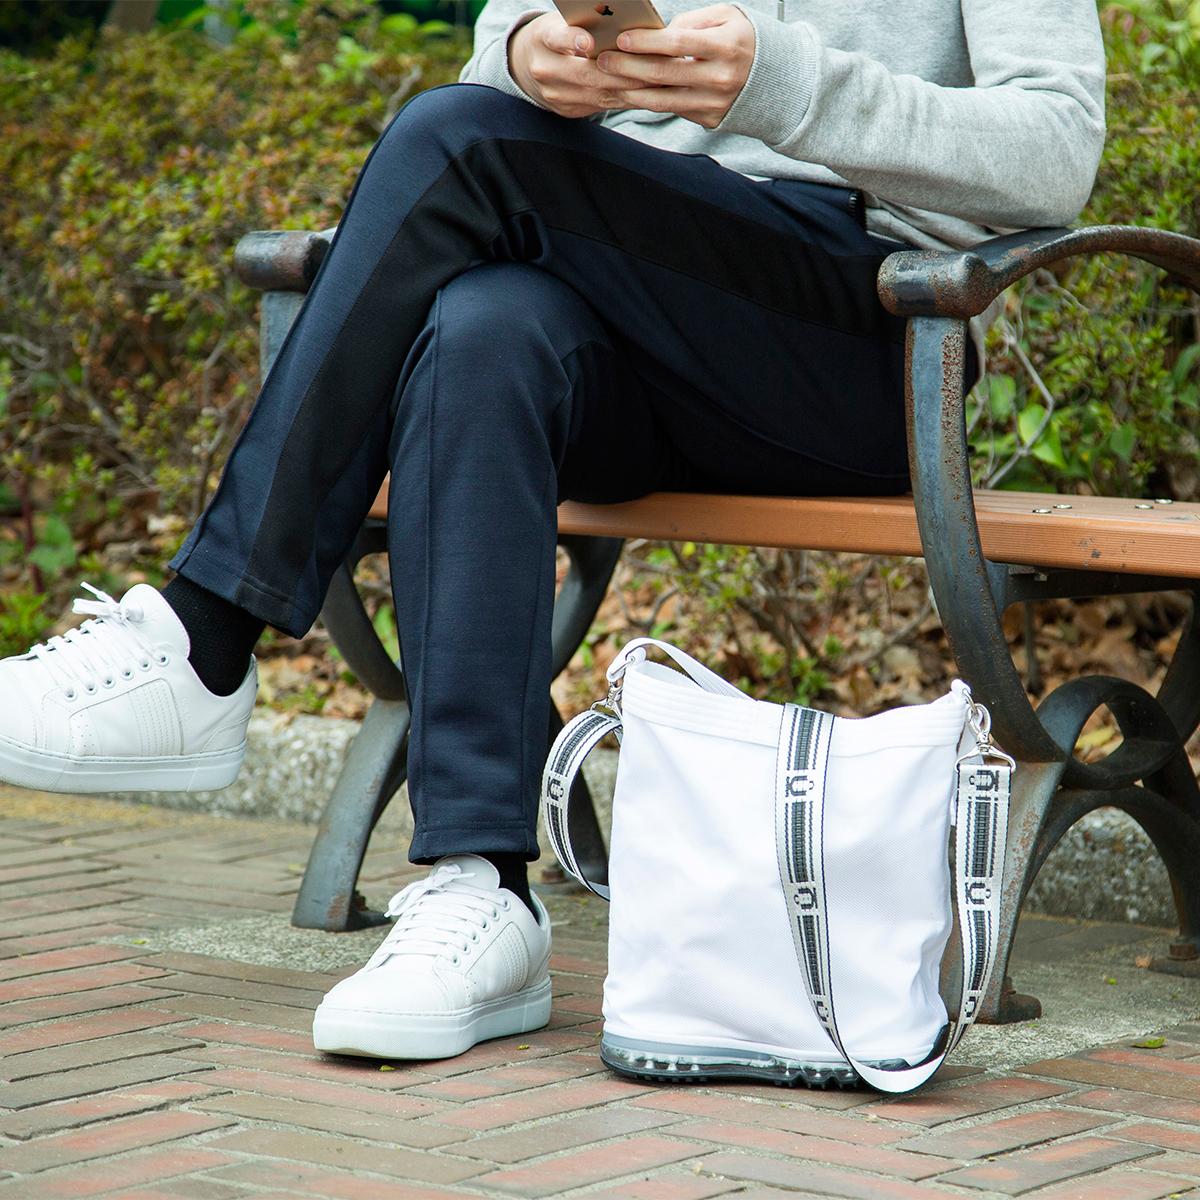 荷物置き場のないカフェスタンド、犬の散歩、ピクニックなどで活躍。バッグを地面に迷いなくポンッと置ける「遊びトート」| OKERU MONOCO限定